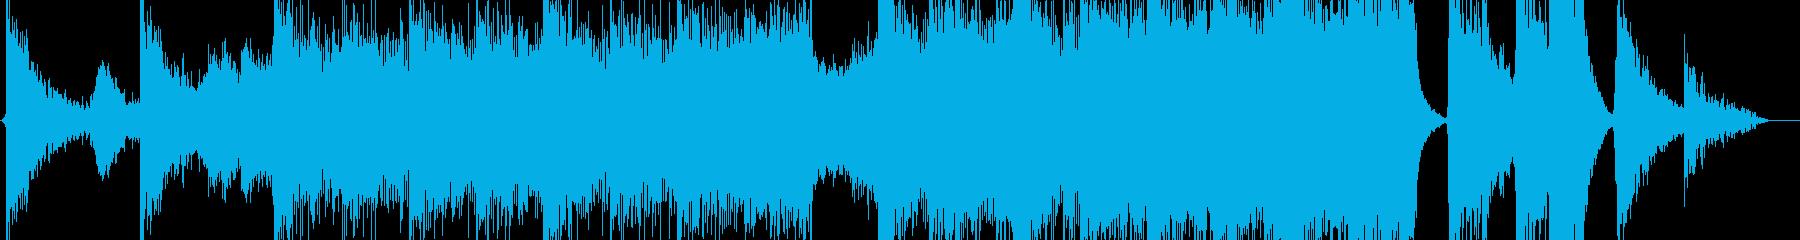 ハリウッドトレーラーイントロの再生済みの波形